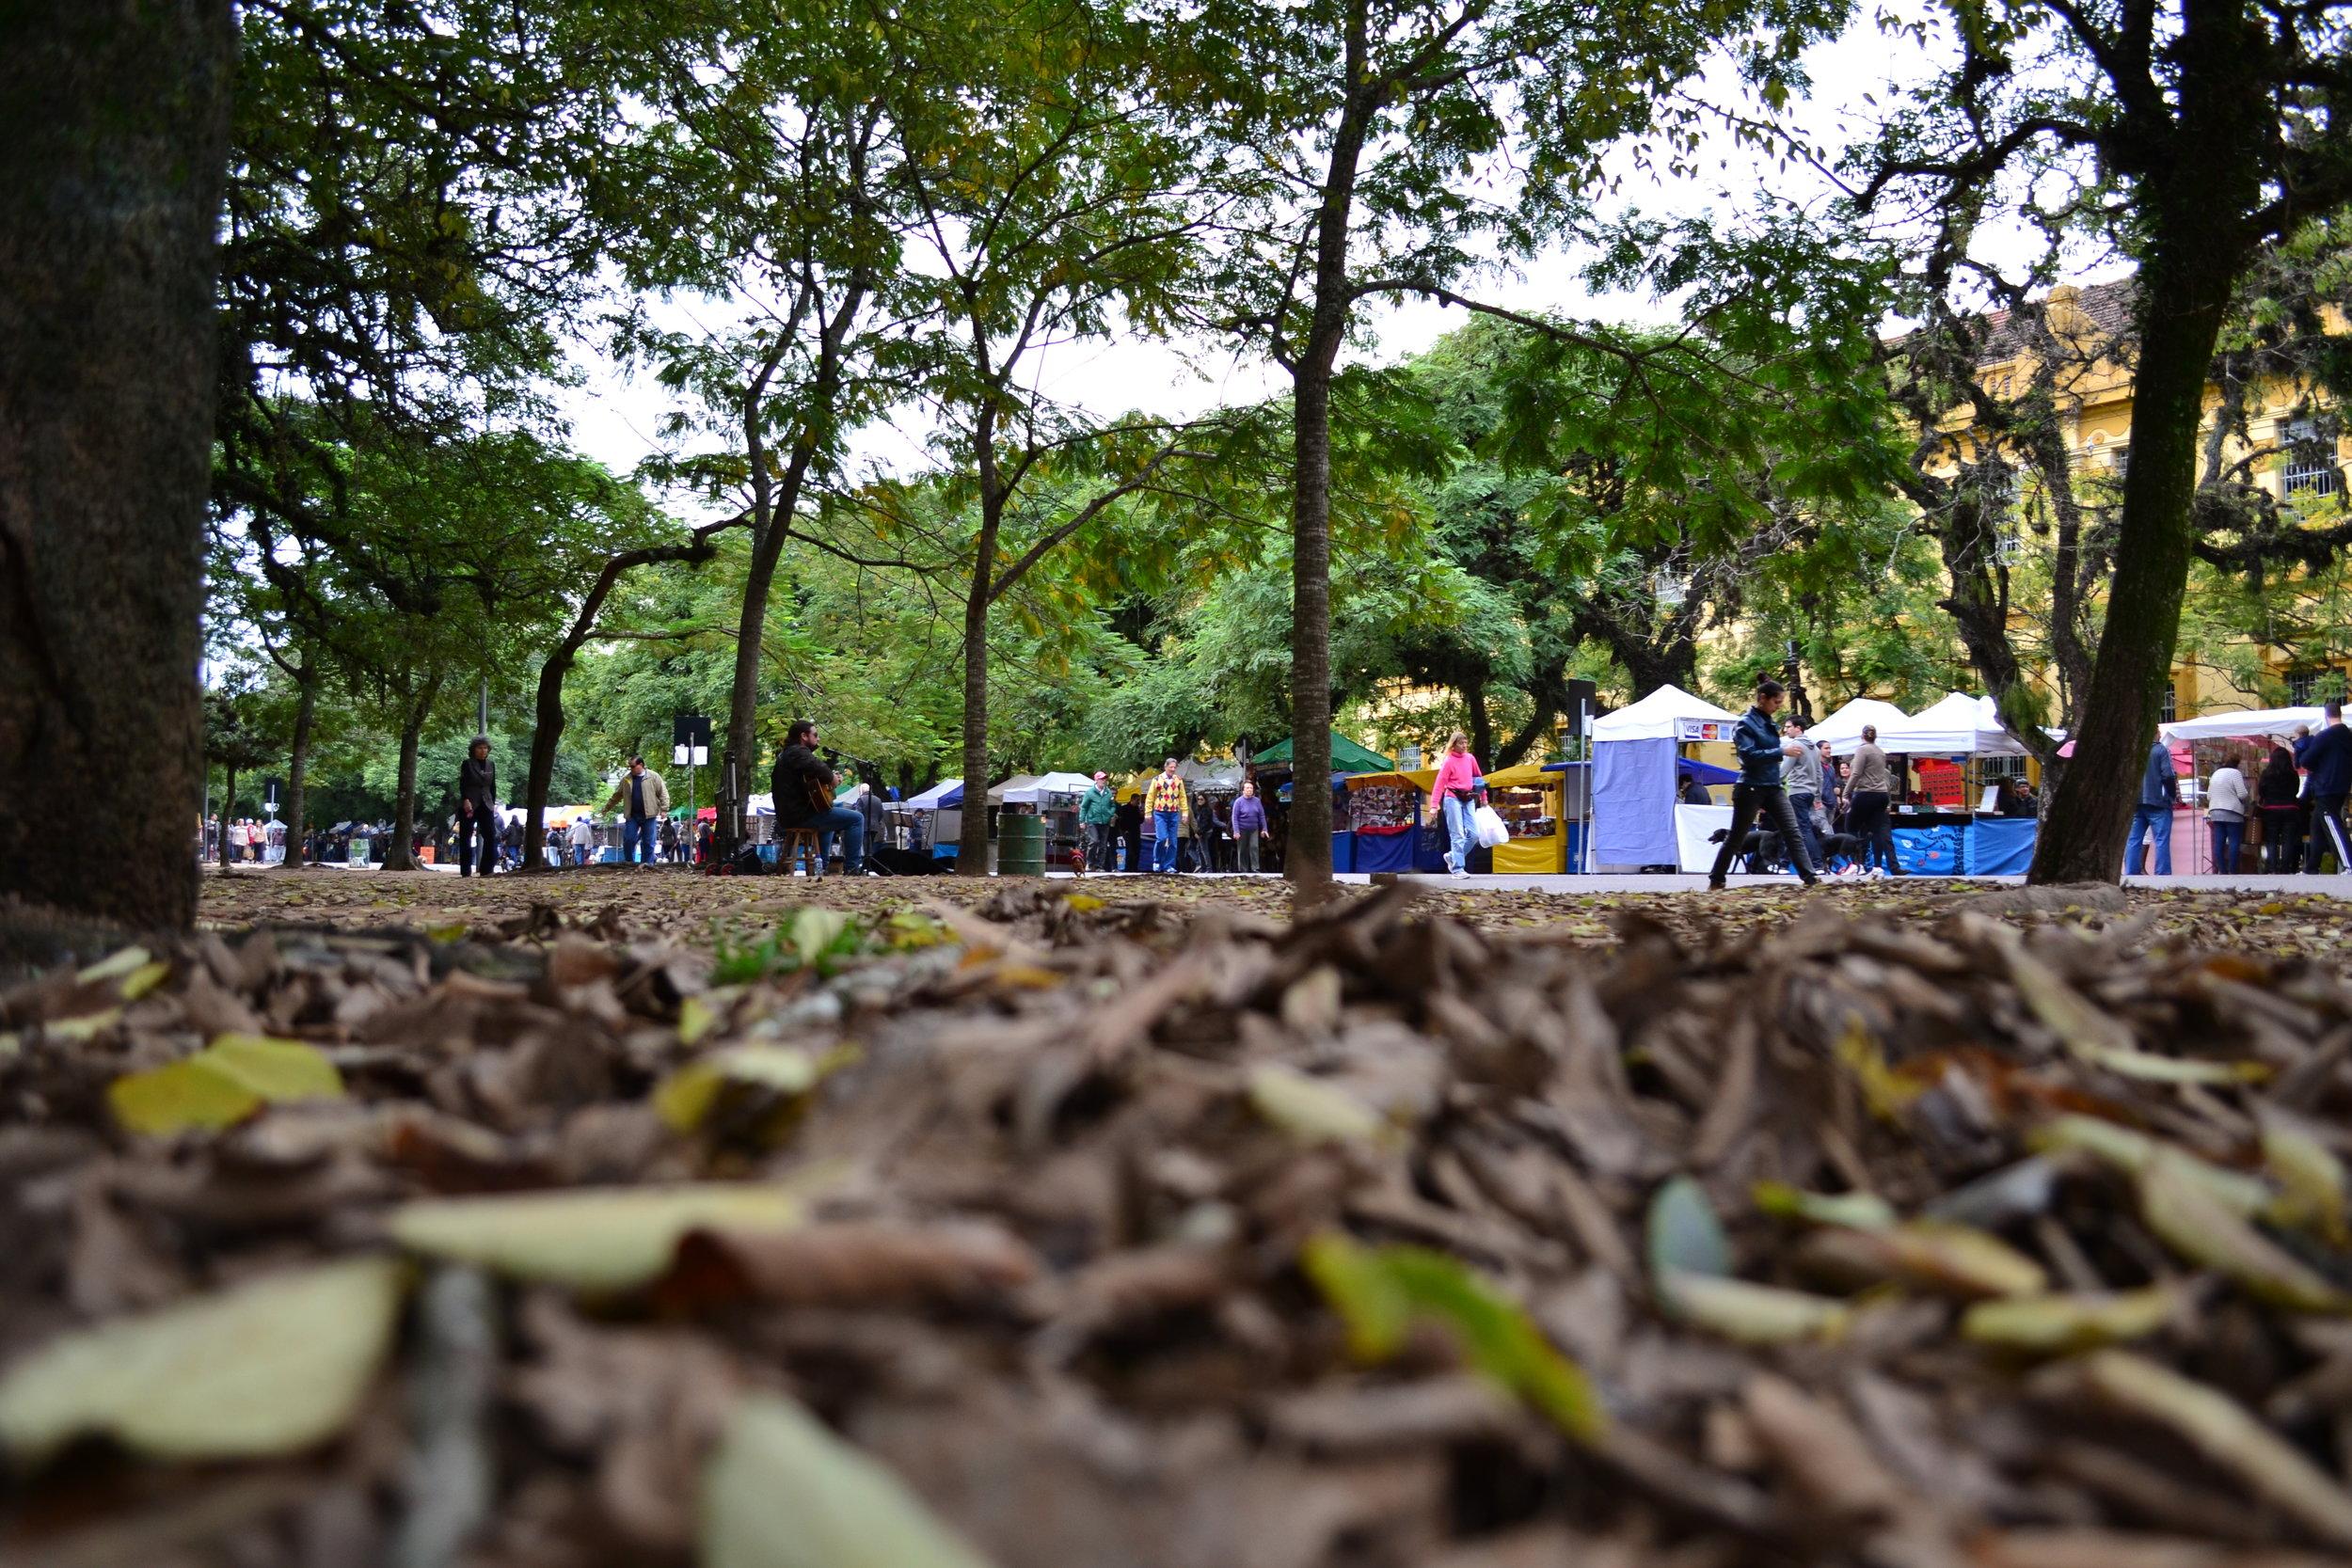 A feira criada em 1978 junto ao Parque da Redenção é ponto turístico, lugar de passeio e espaço de manifestações políticas e culturais (Fotos/Maria Inez Gelatti)